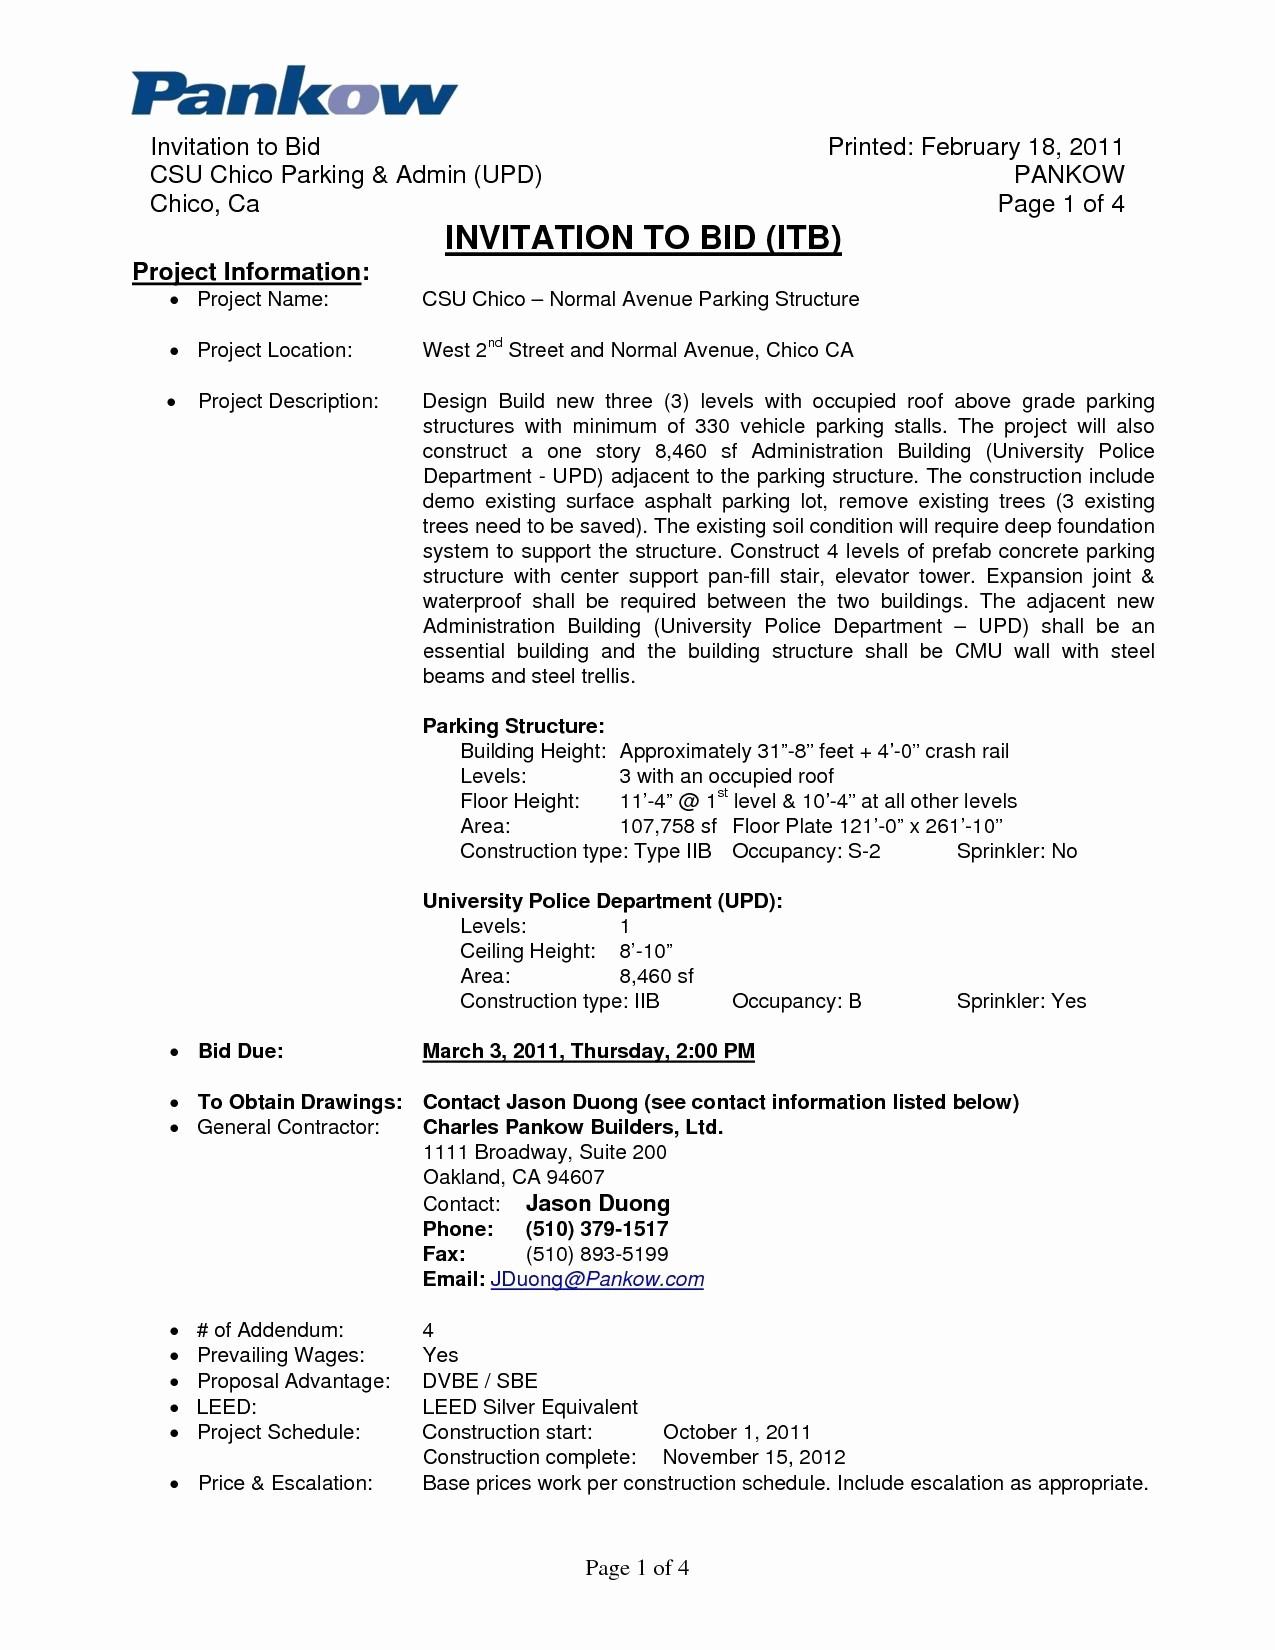 Invitation to Bid Template Construction Unique Invitation to Bid Letter Template Examples